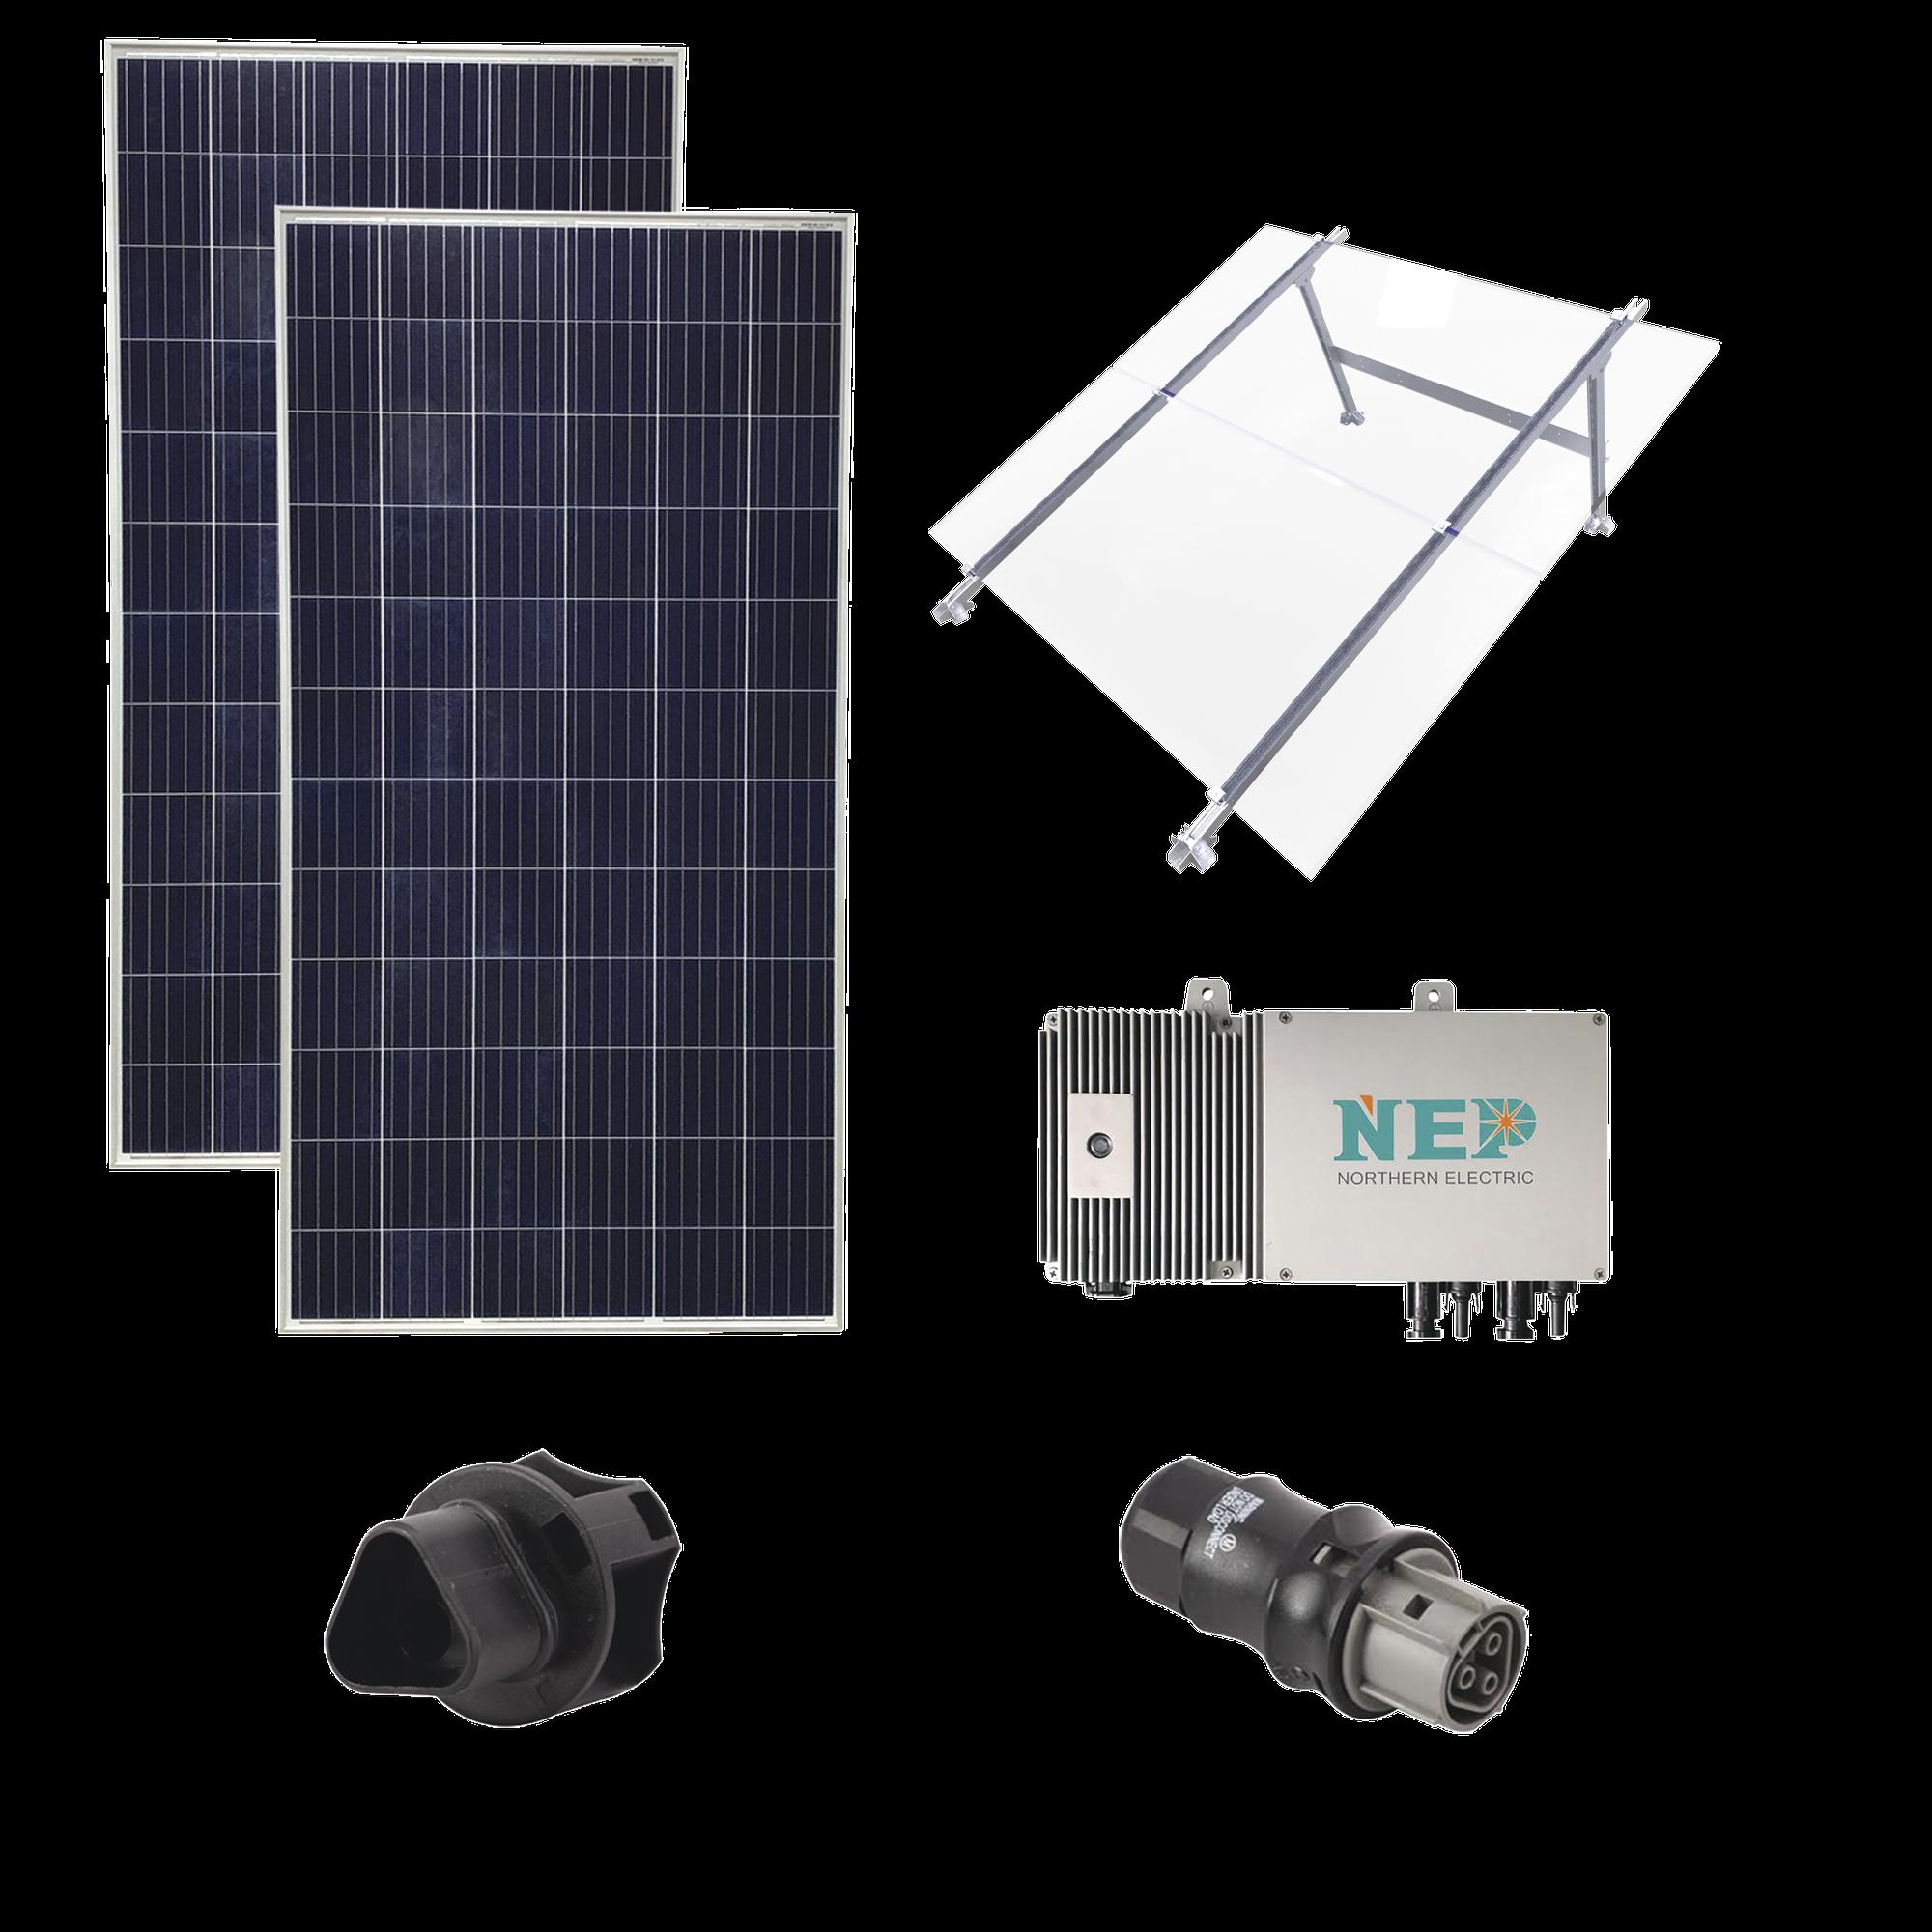 Kit Solar para Interconexión de 550 W de Potencia, 127 Vca con Microinversores y Paneles Policristalinos.